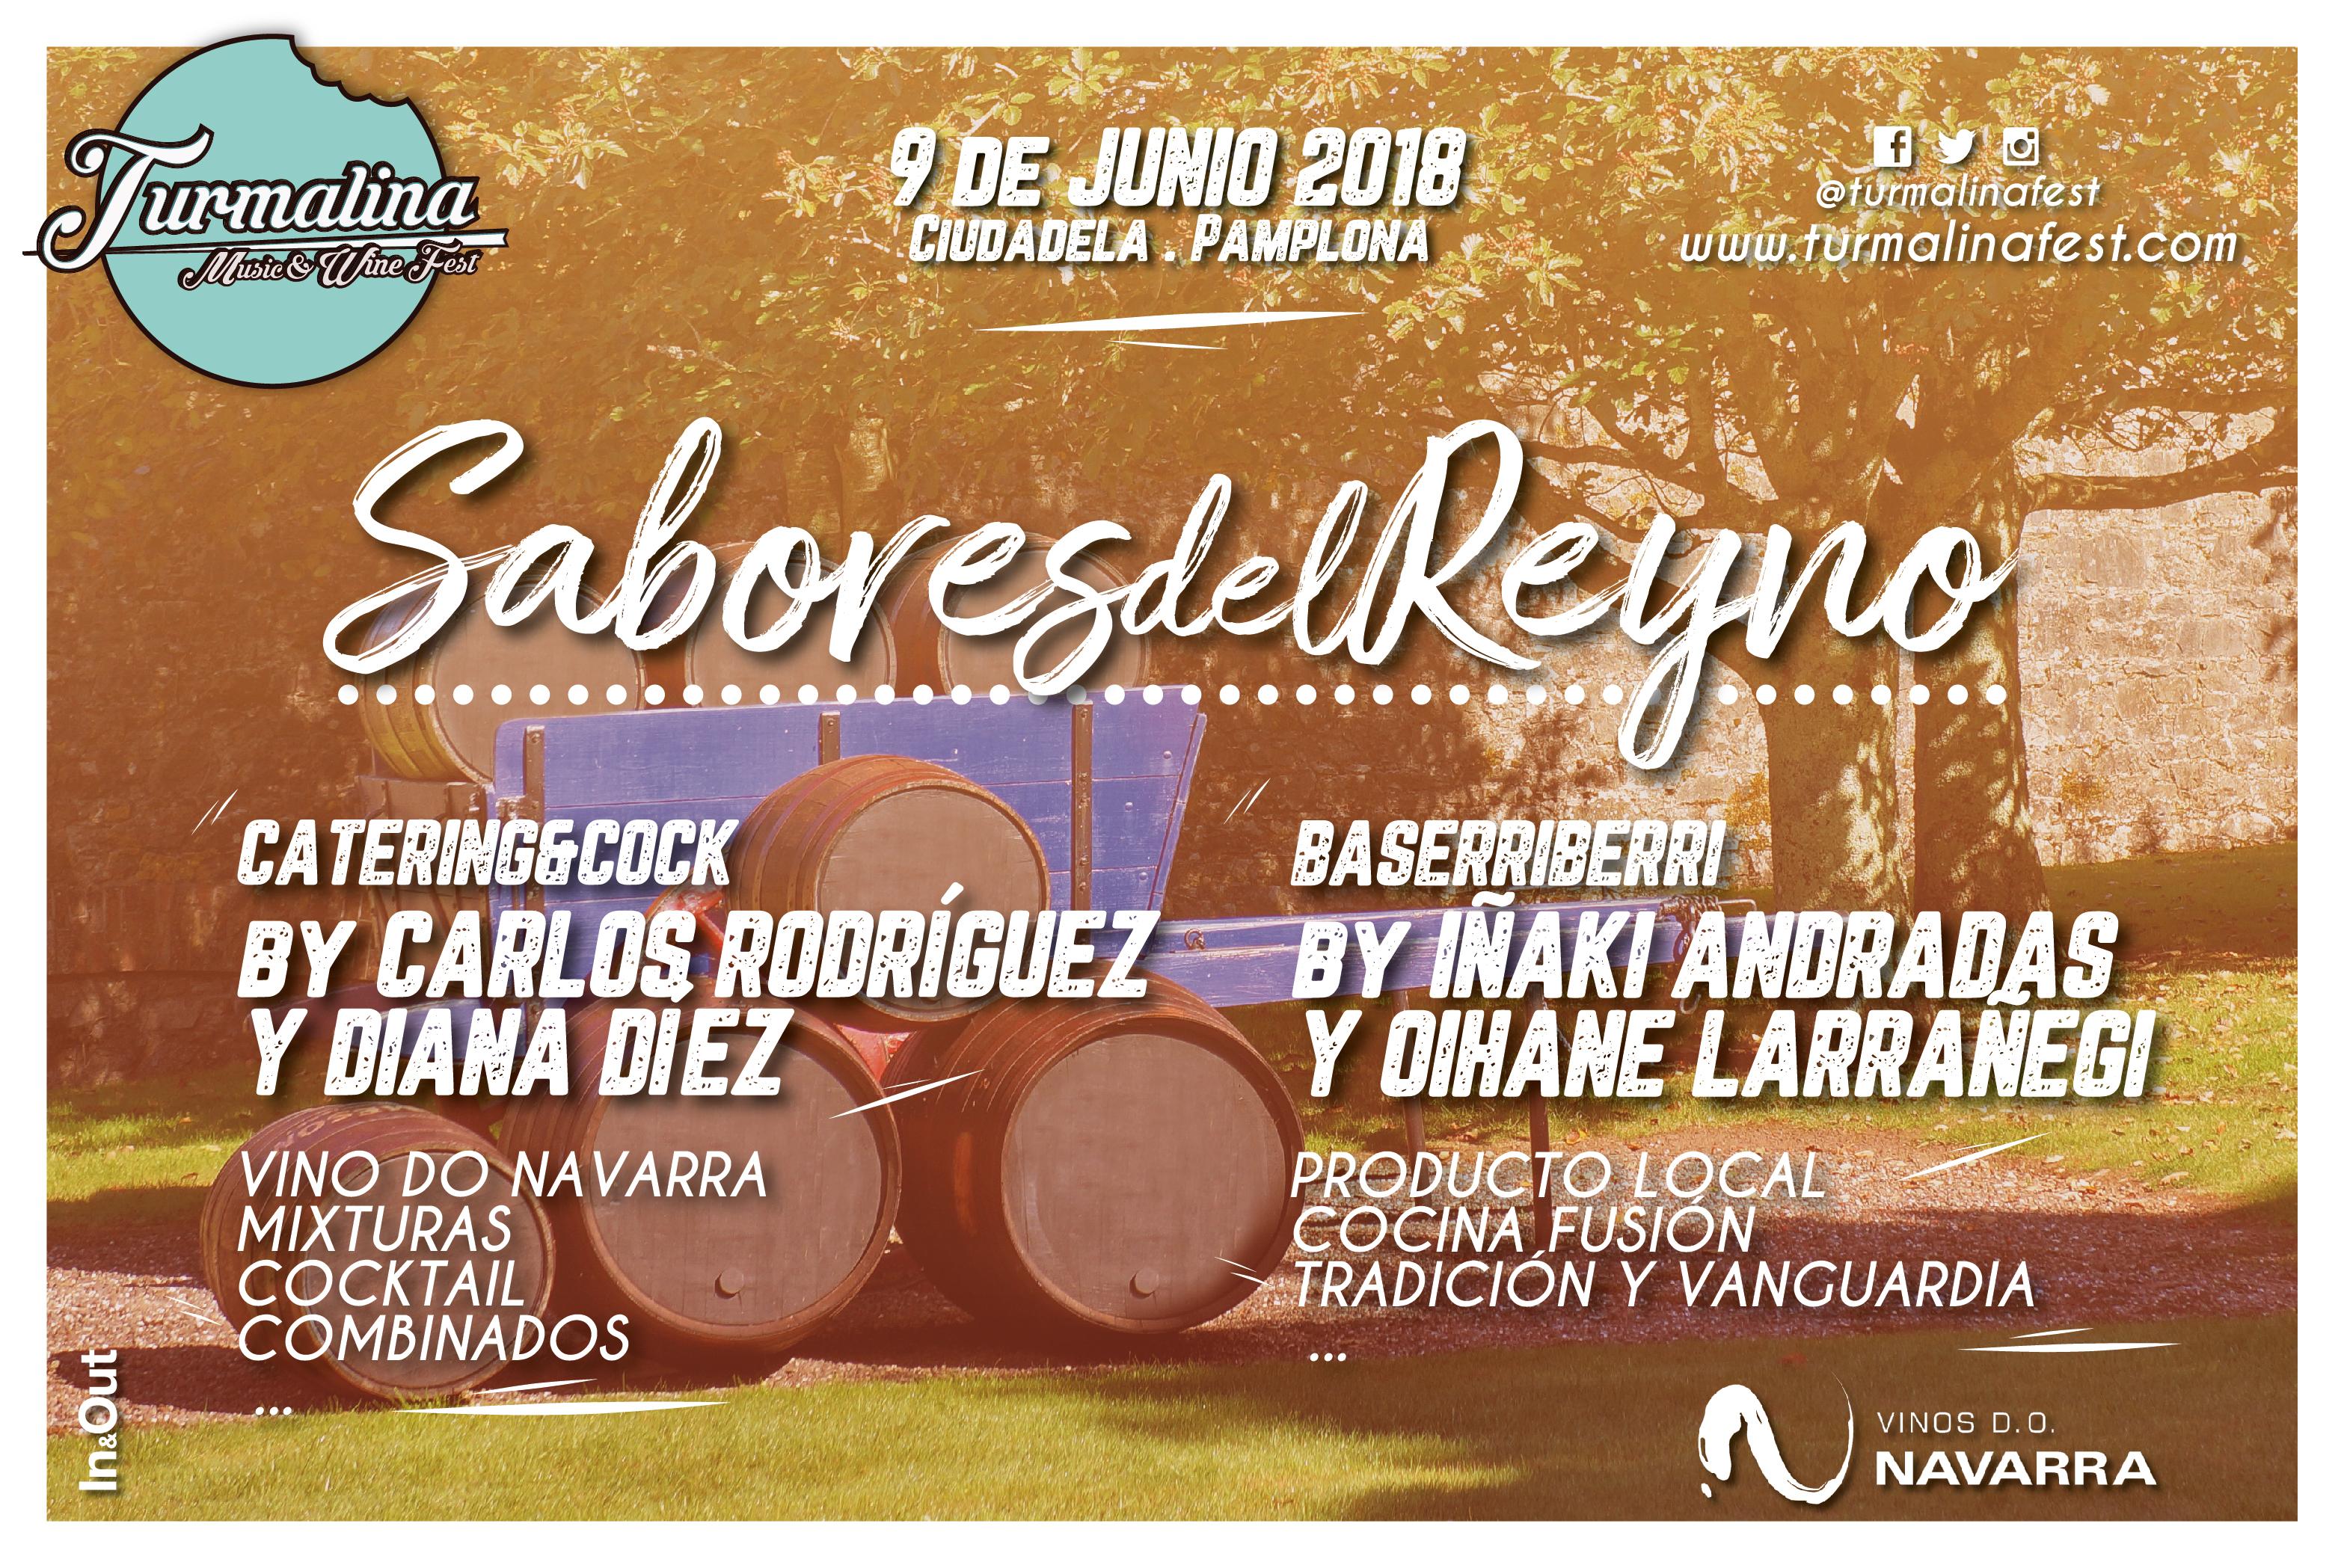 Turmalina Sabores del Reyno